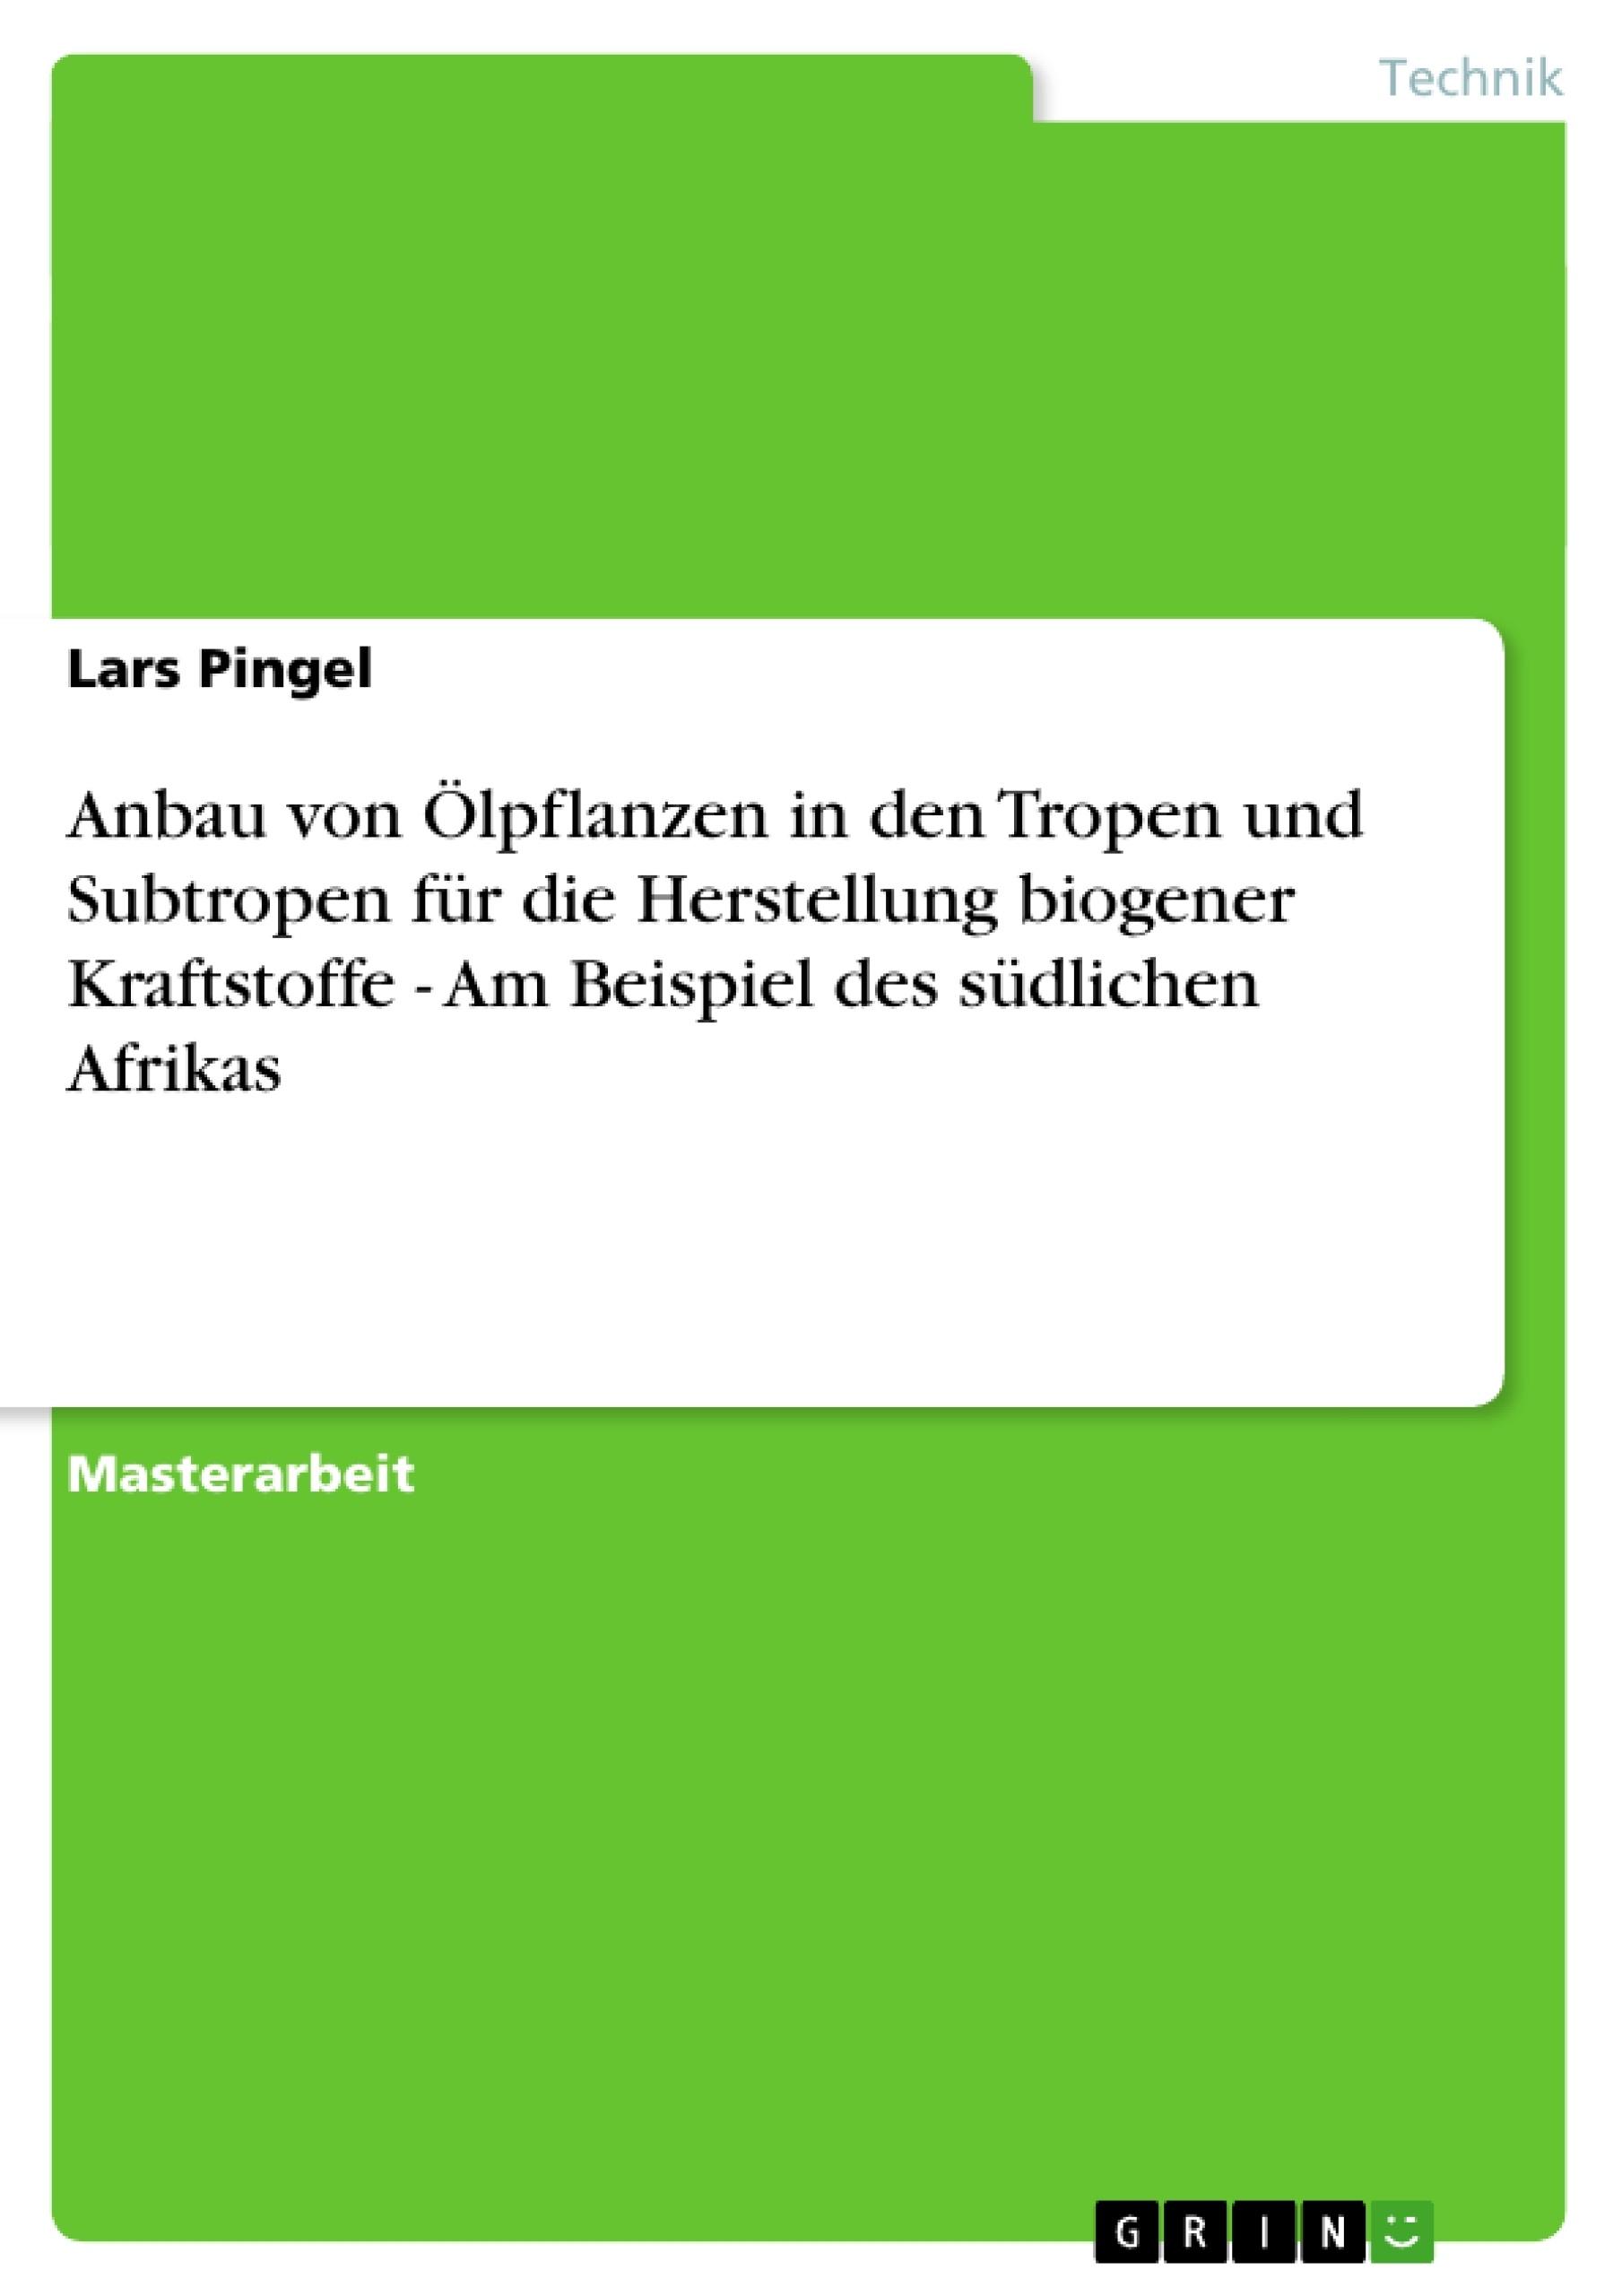 Titel: Anbau von Ölpflanzen in den Tropen und Subtropen für die Herstellung biogener Kraftstoffe - Am Beispiel des südlichen Afrikas